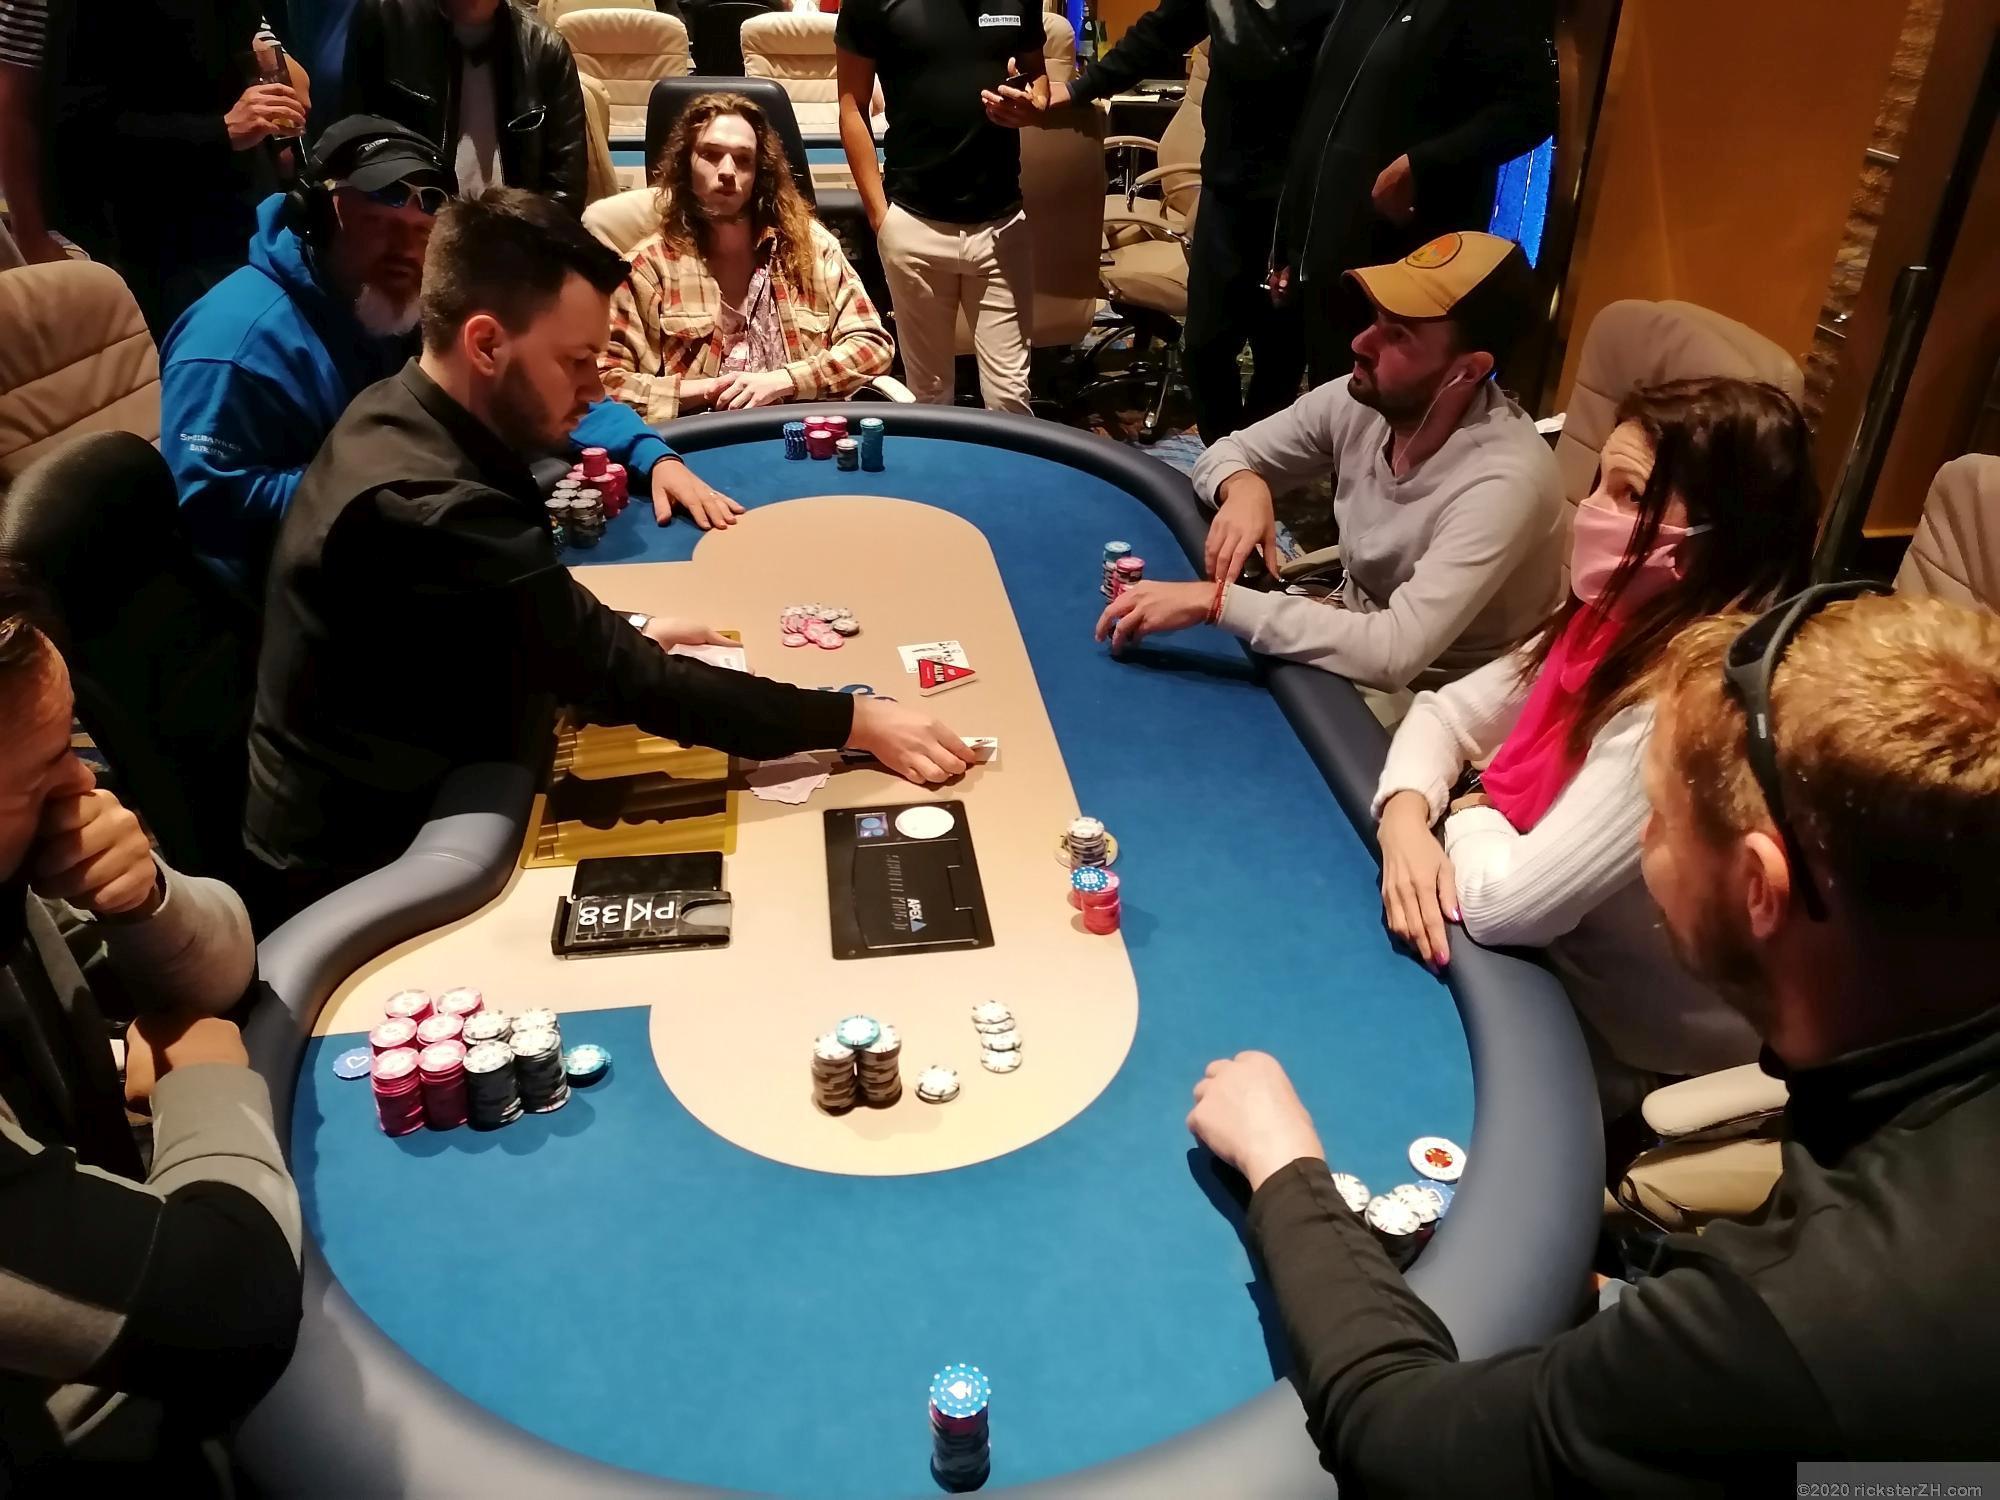 Pokerreise im Jassbus